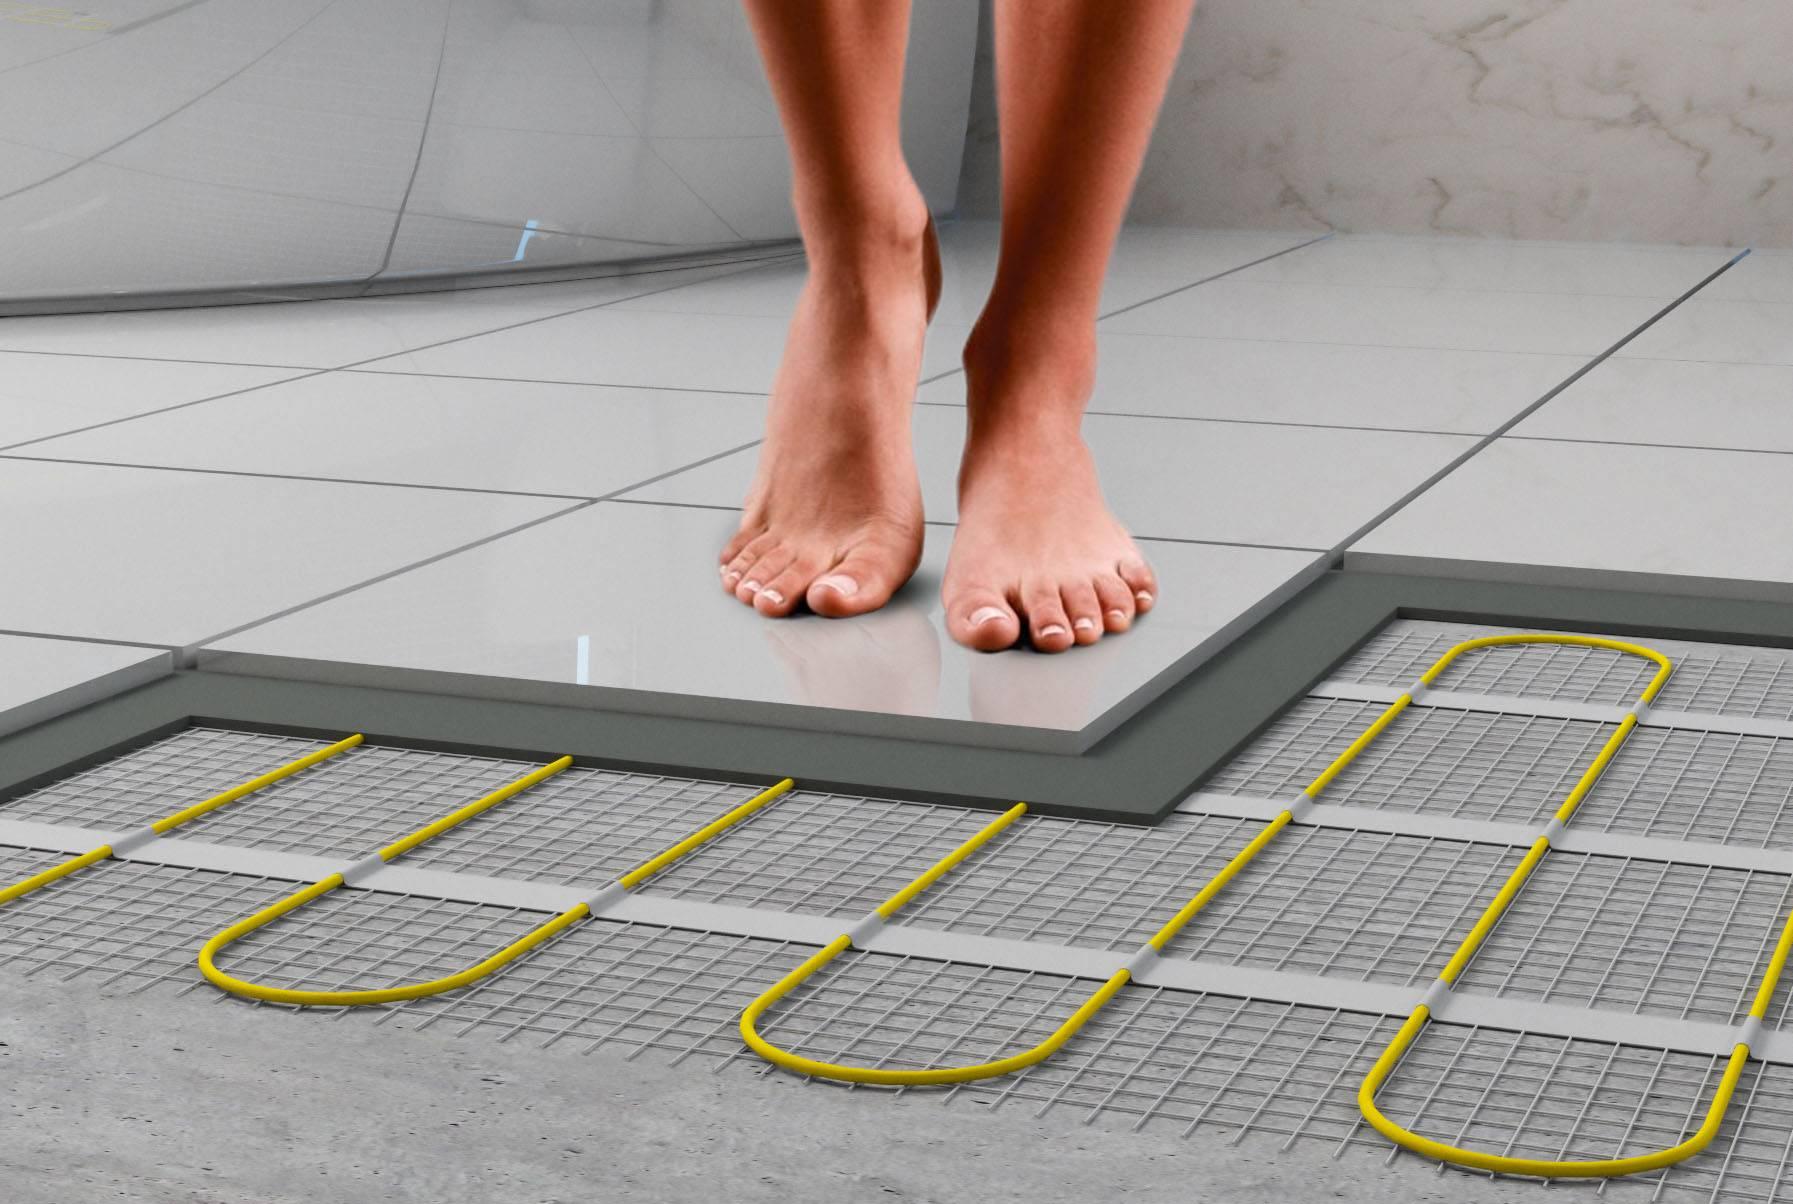 Виды декоративной плитки для укладки на теплые полы. монтаж выбранных элементов